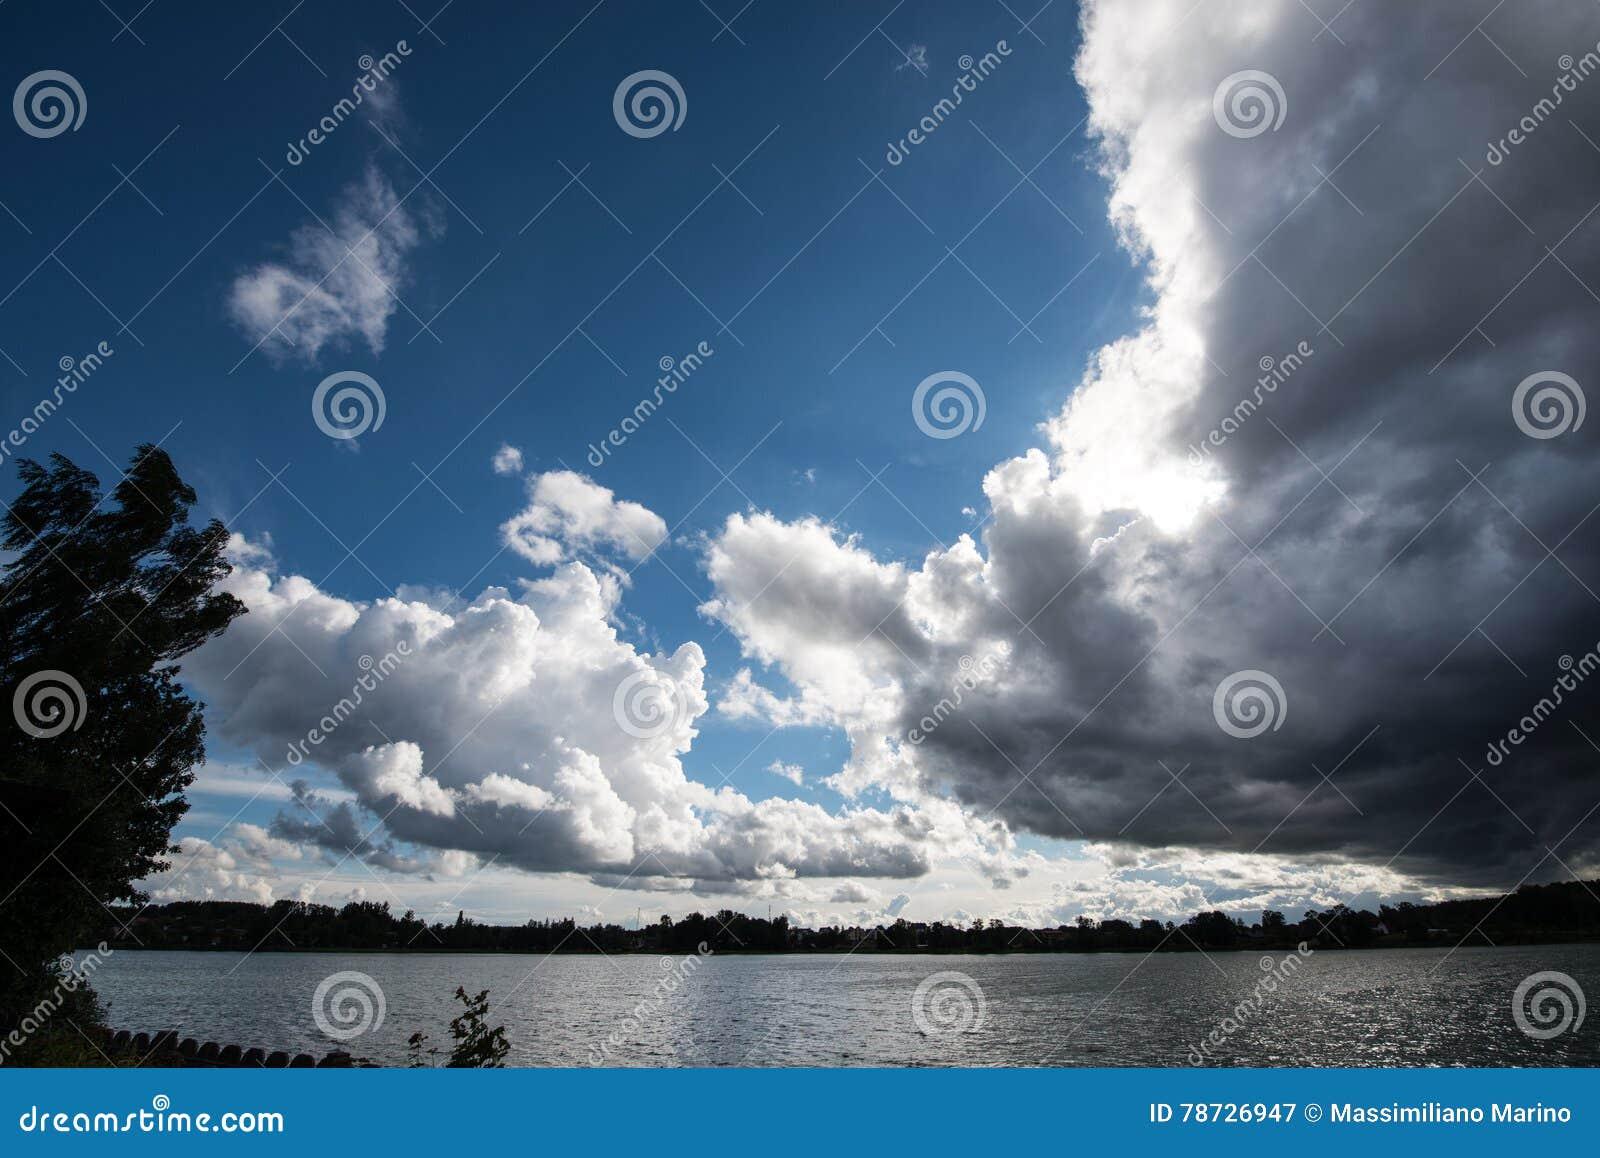 Himlen förbereder sig för stormen